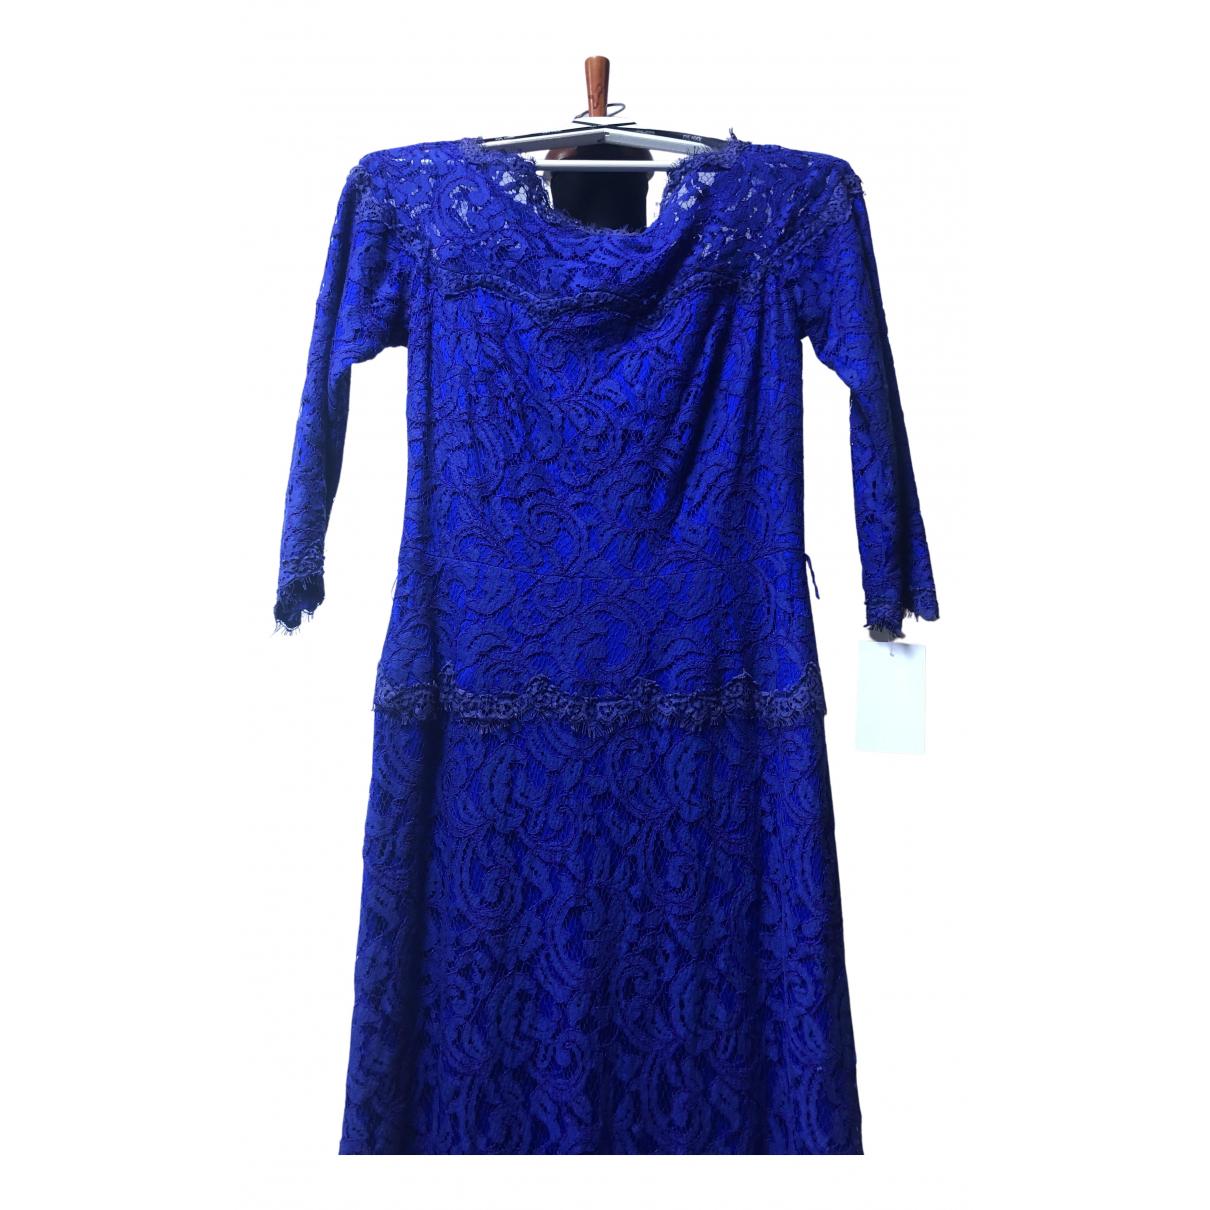 Tadashi Shoji \N Kleid in  Blau Spitze